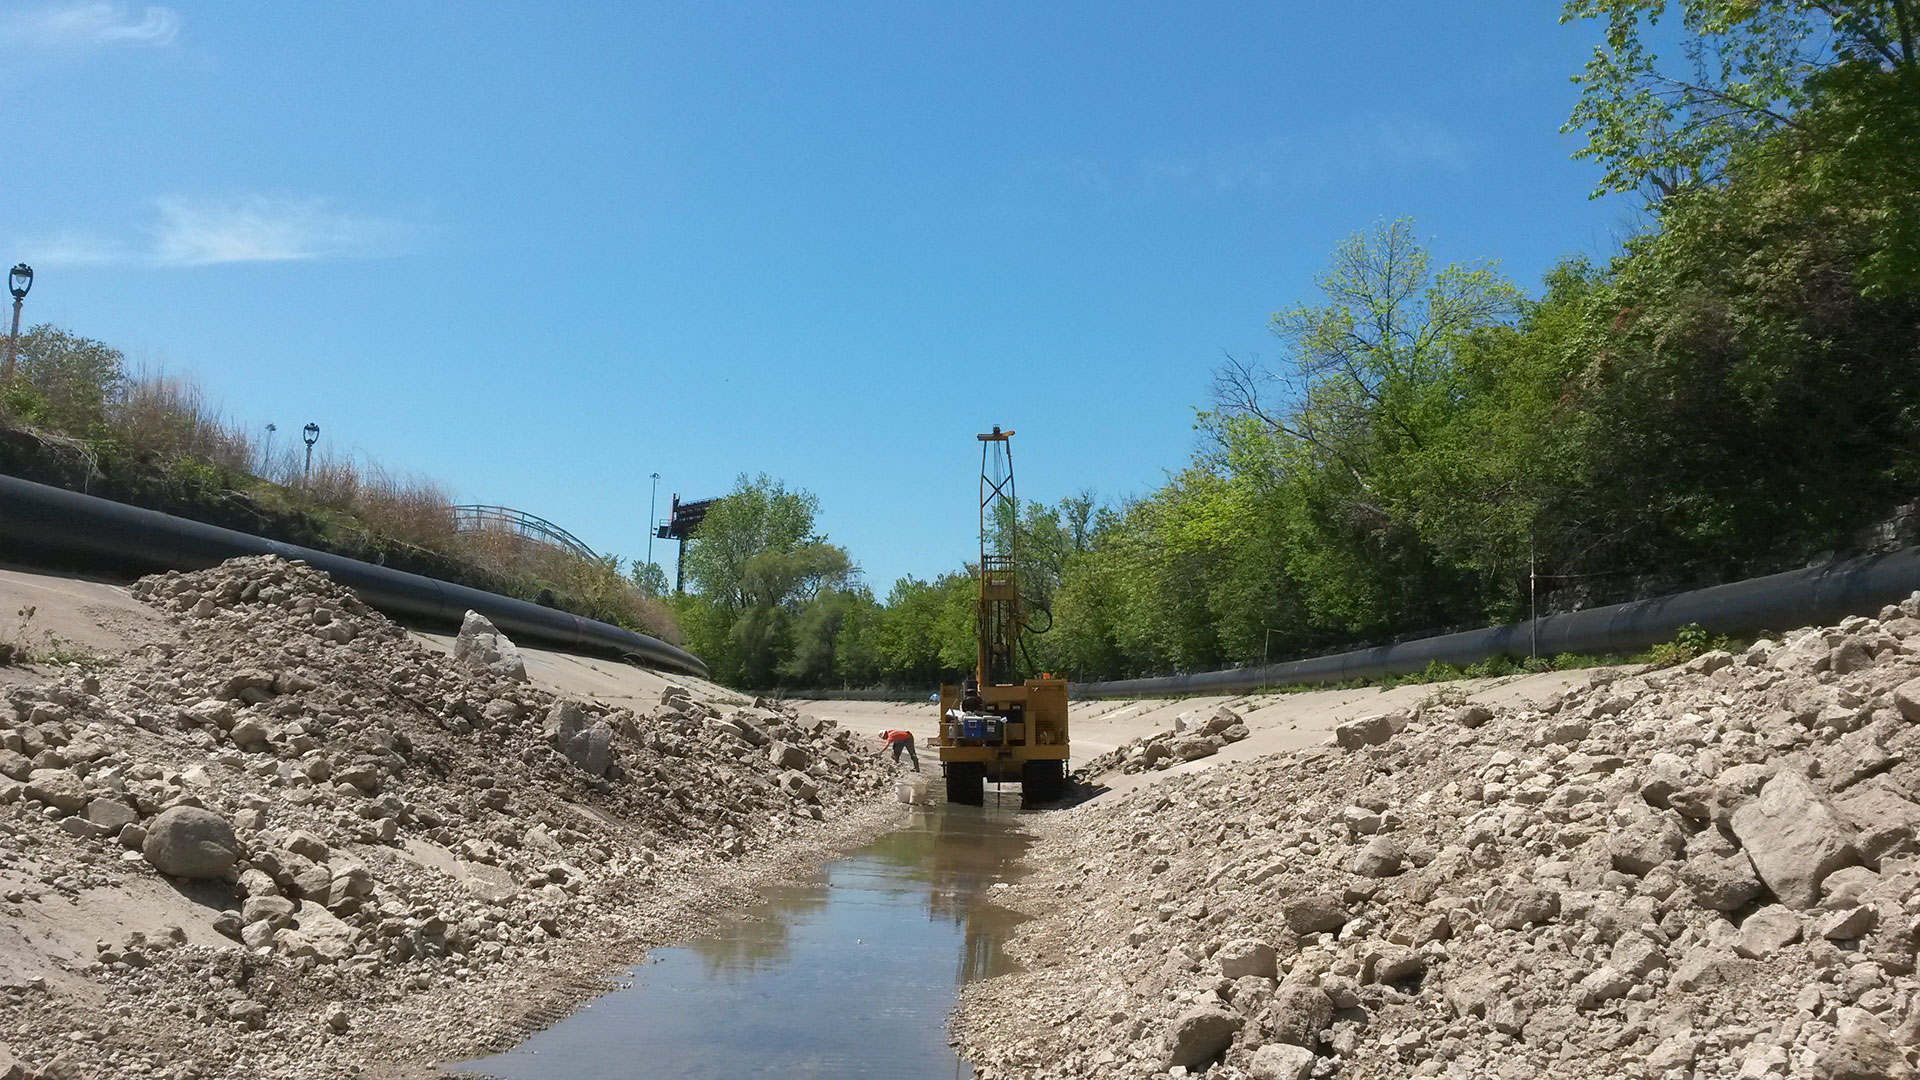 Menomonee River Environmental Restoration